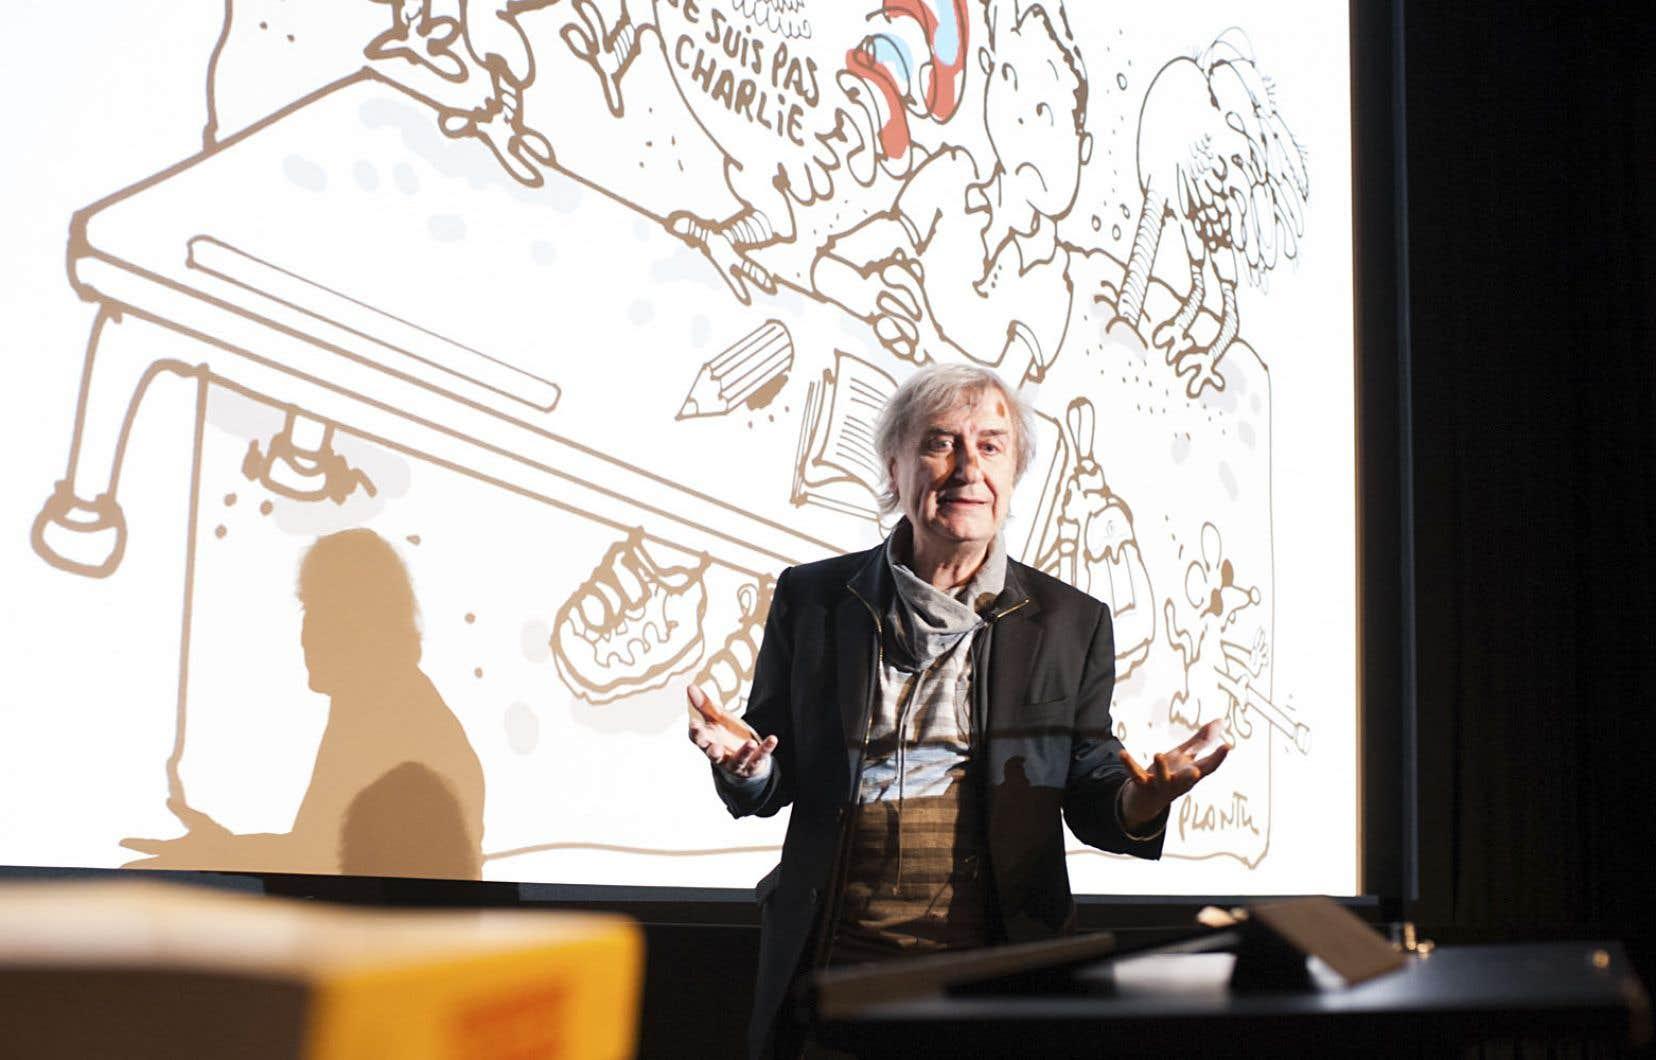 Le dessinateur Plantu était de passage à Montréal en janvier 2016 à l'occasion d'une conférence sur l'apport démocratique de la caricature en société.